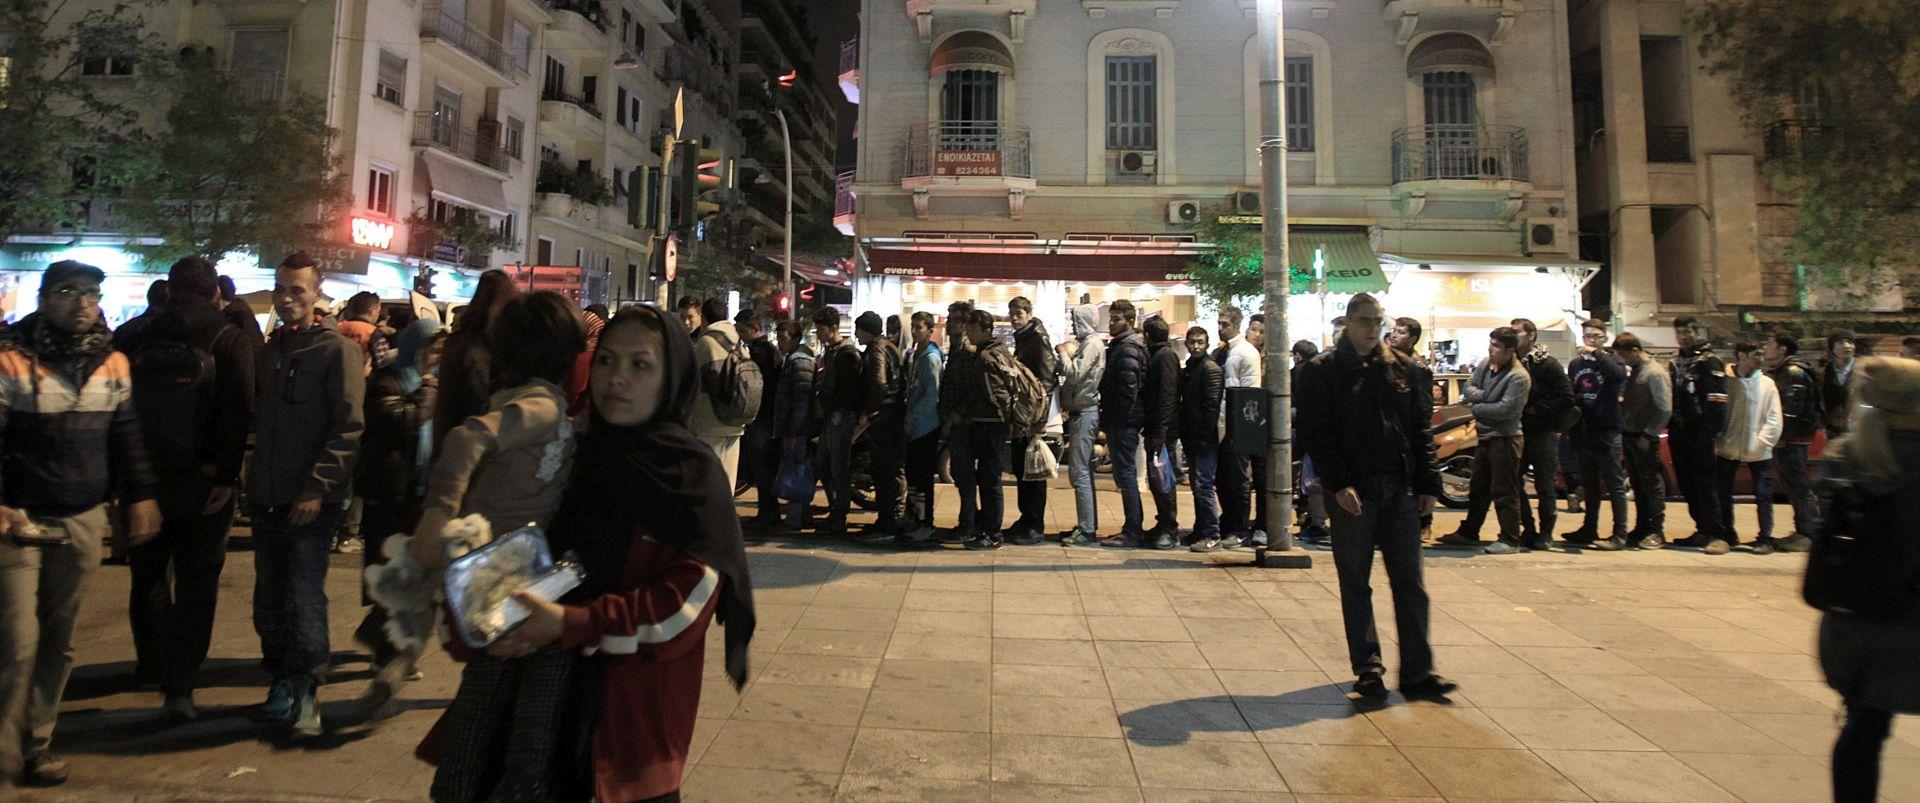 Atena u srijedu počinje razmještati izbjeglice po Europskoj uniji